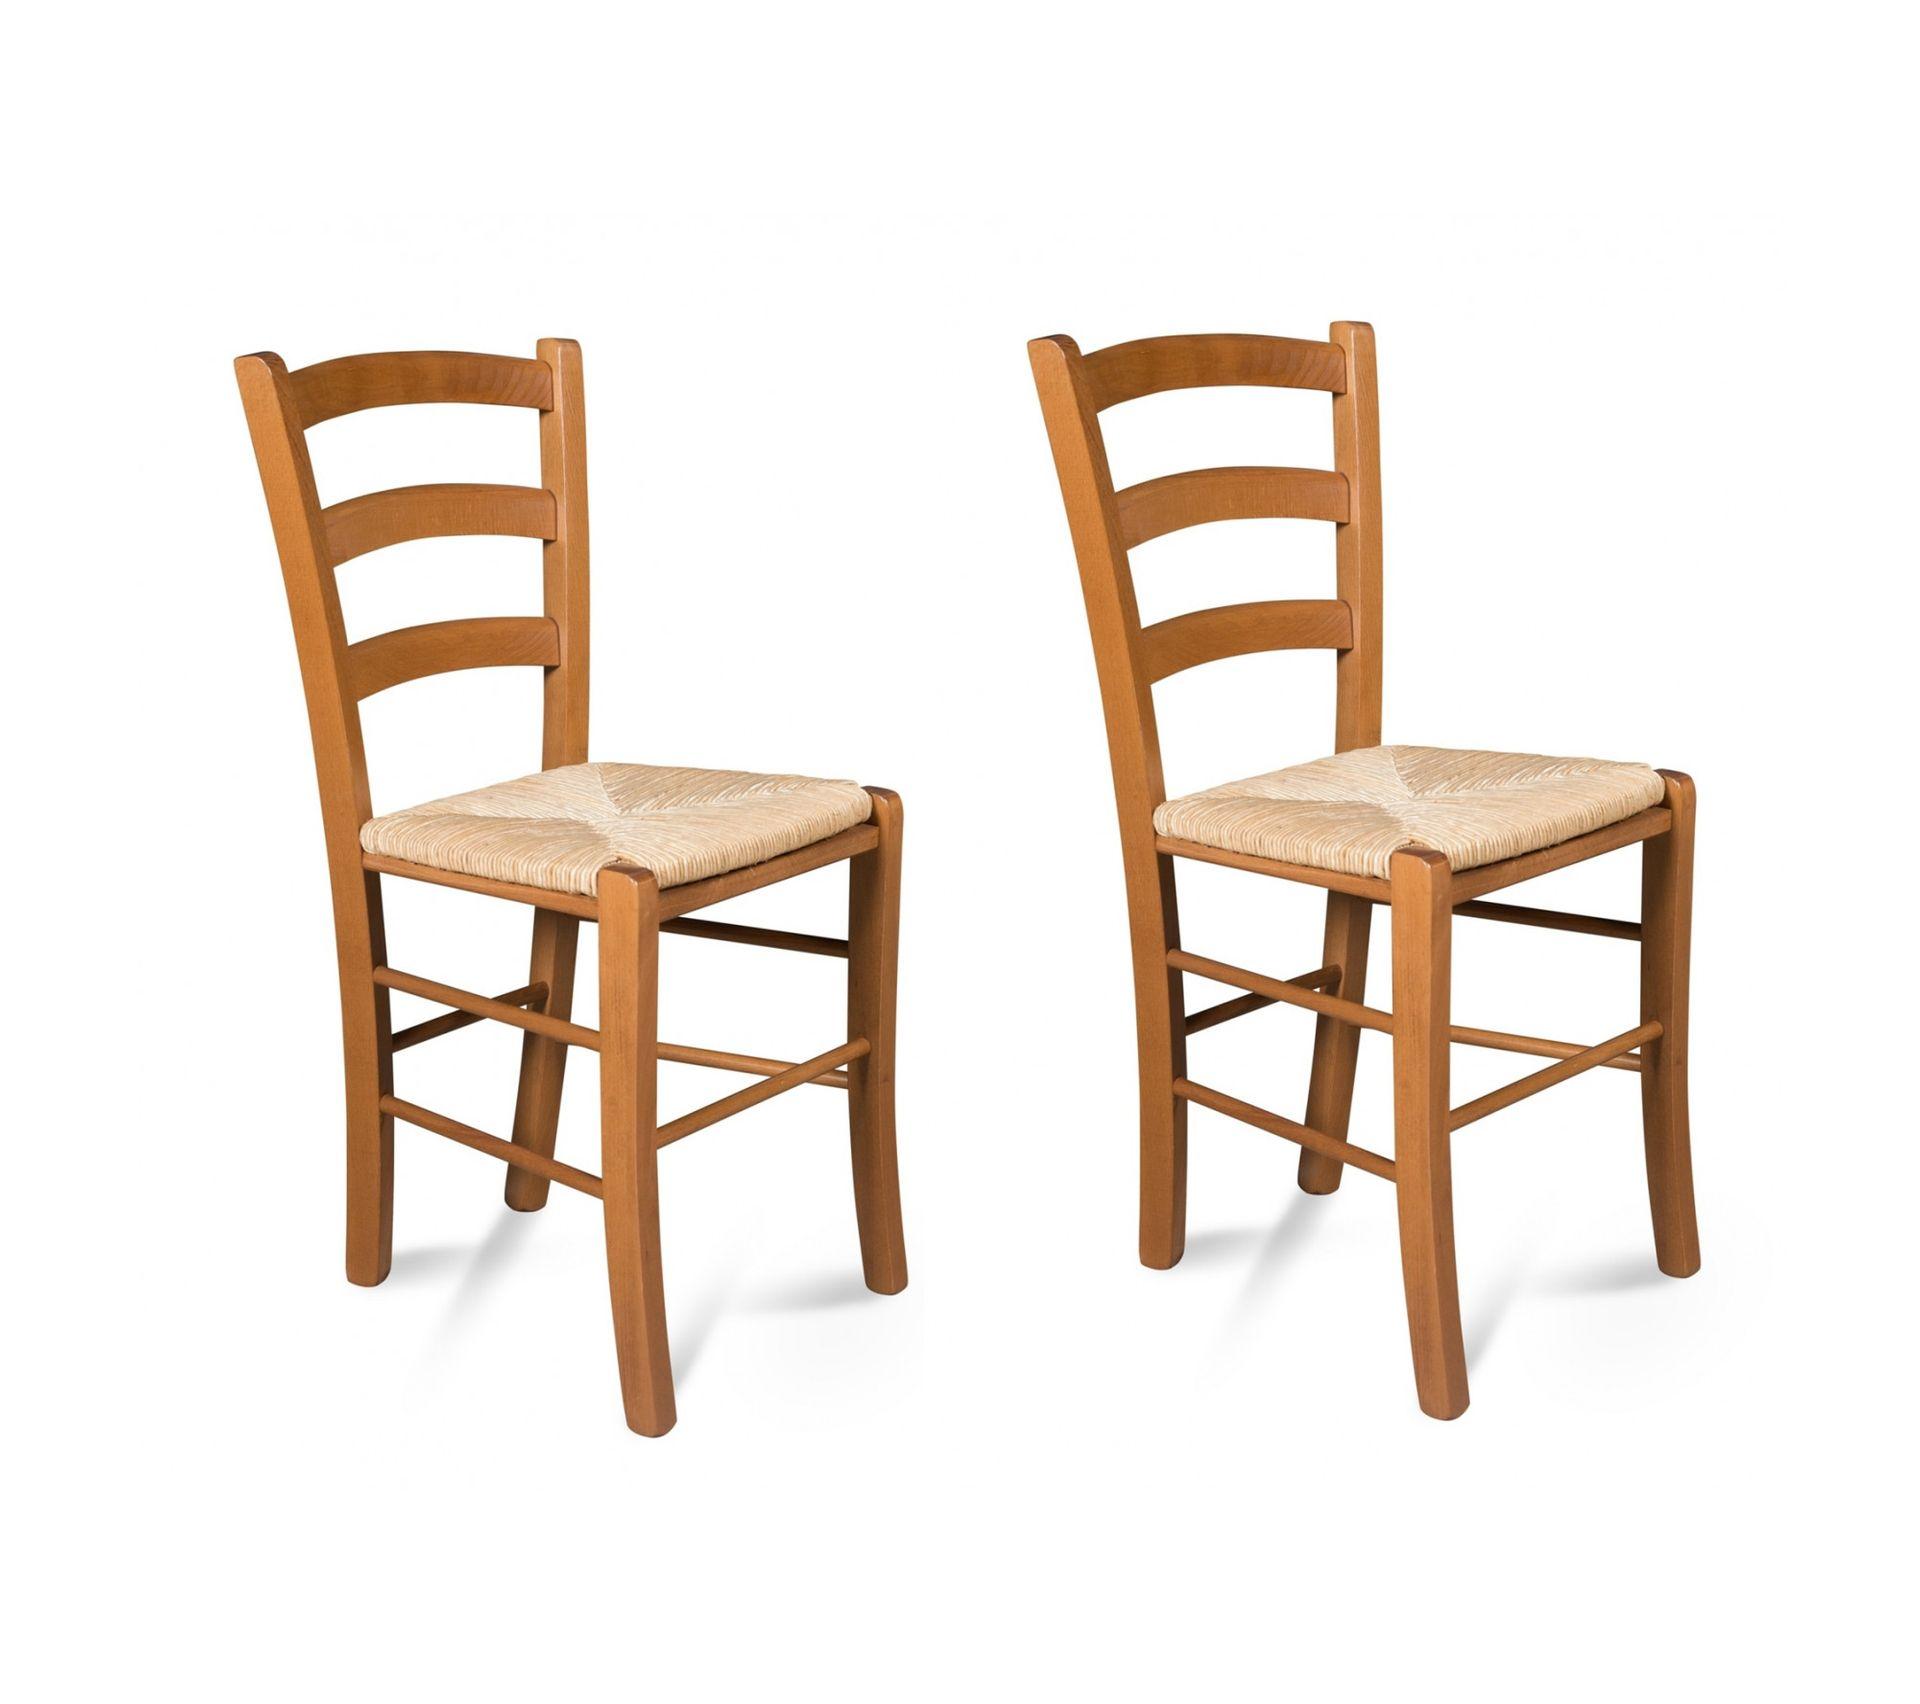 Paille De Fer Souris chaises bois - assise paille - tina (lot de 2) - chaise but